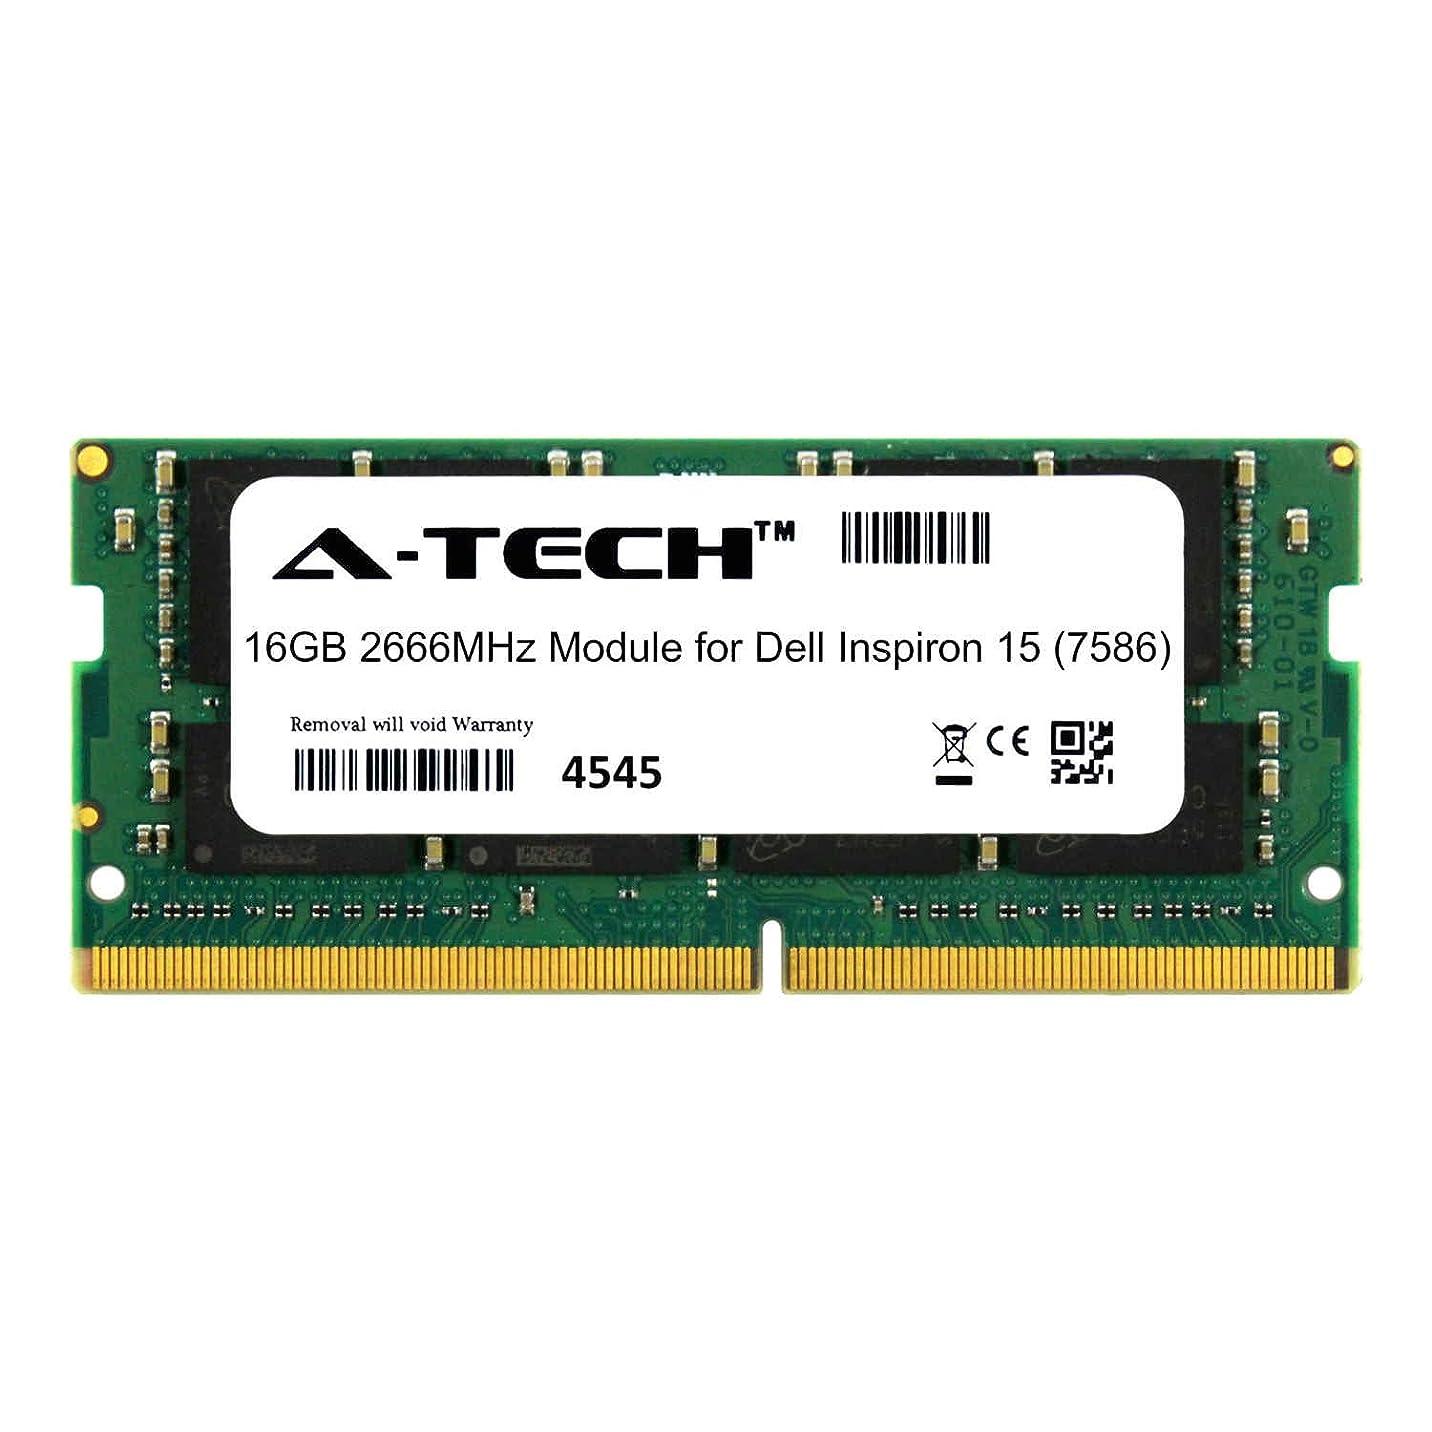 スナック火星たぶんA-Tech 16GB モジュール Dell Inspiron 15 (7586) ノートパソコン & ノートブック用 DDR4 2666Mhz メモリラム対応 (ATMS277774A25832X1)